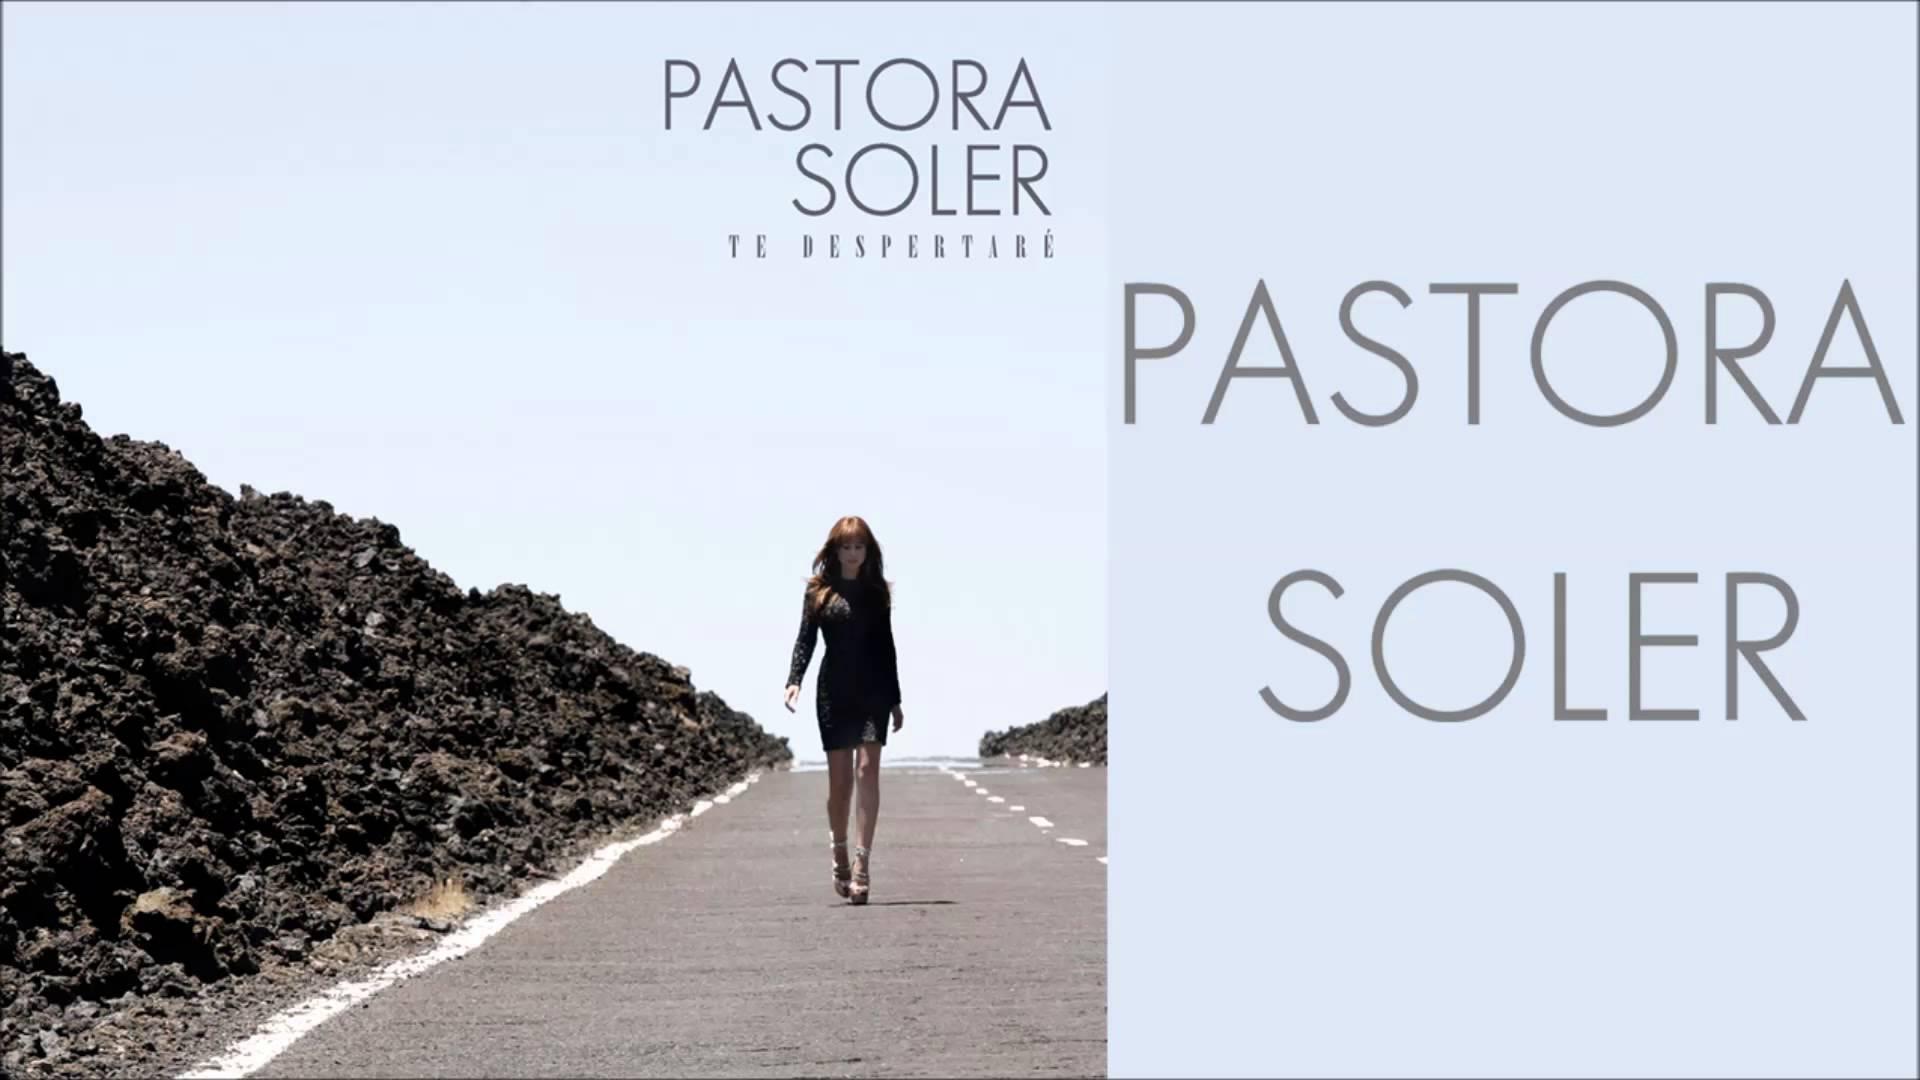 «Te despertaré» nuevo single de Pastora Soler